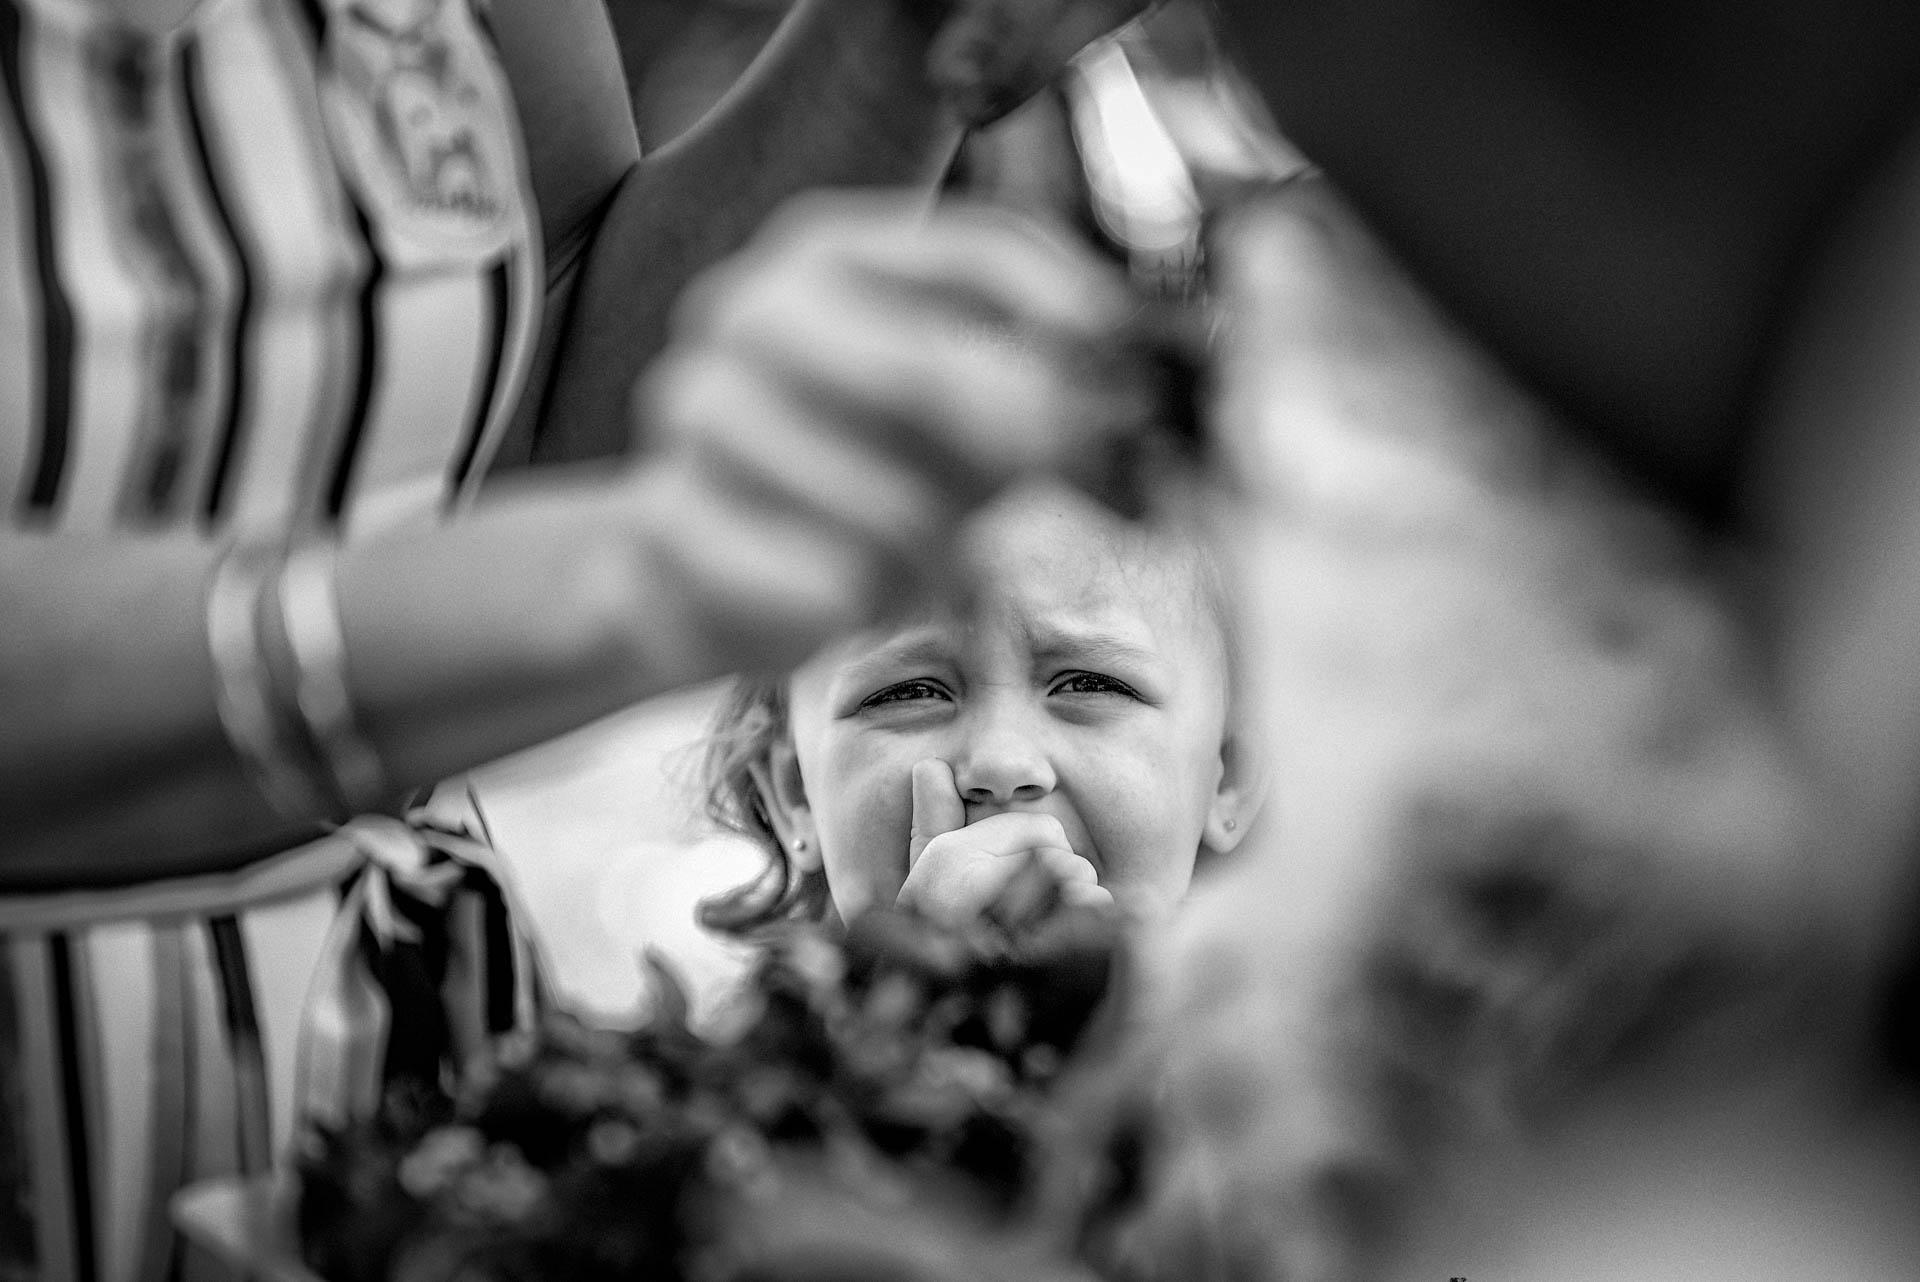 Fotografia de Boda - Foto de sobrina llorando